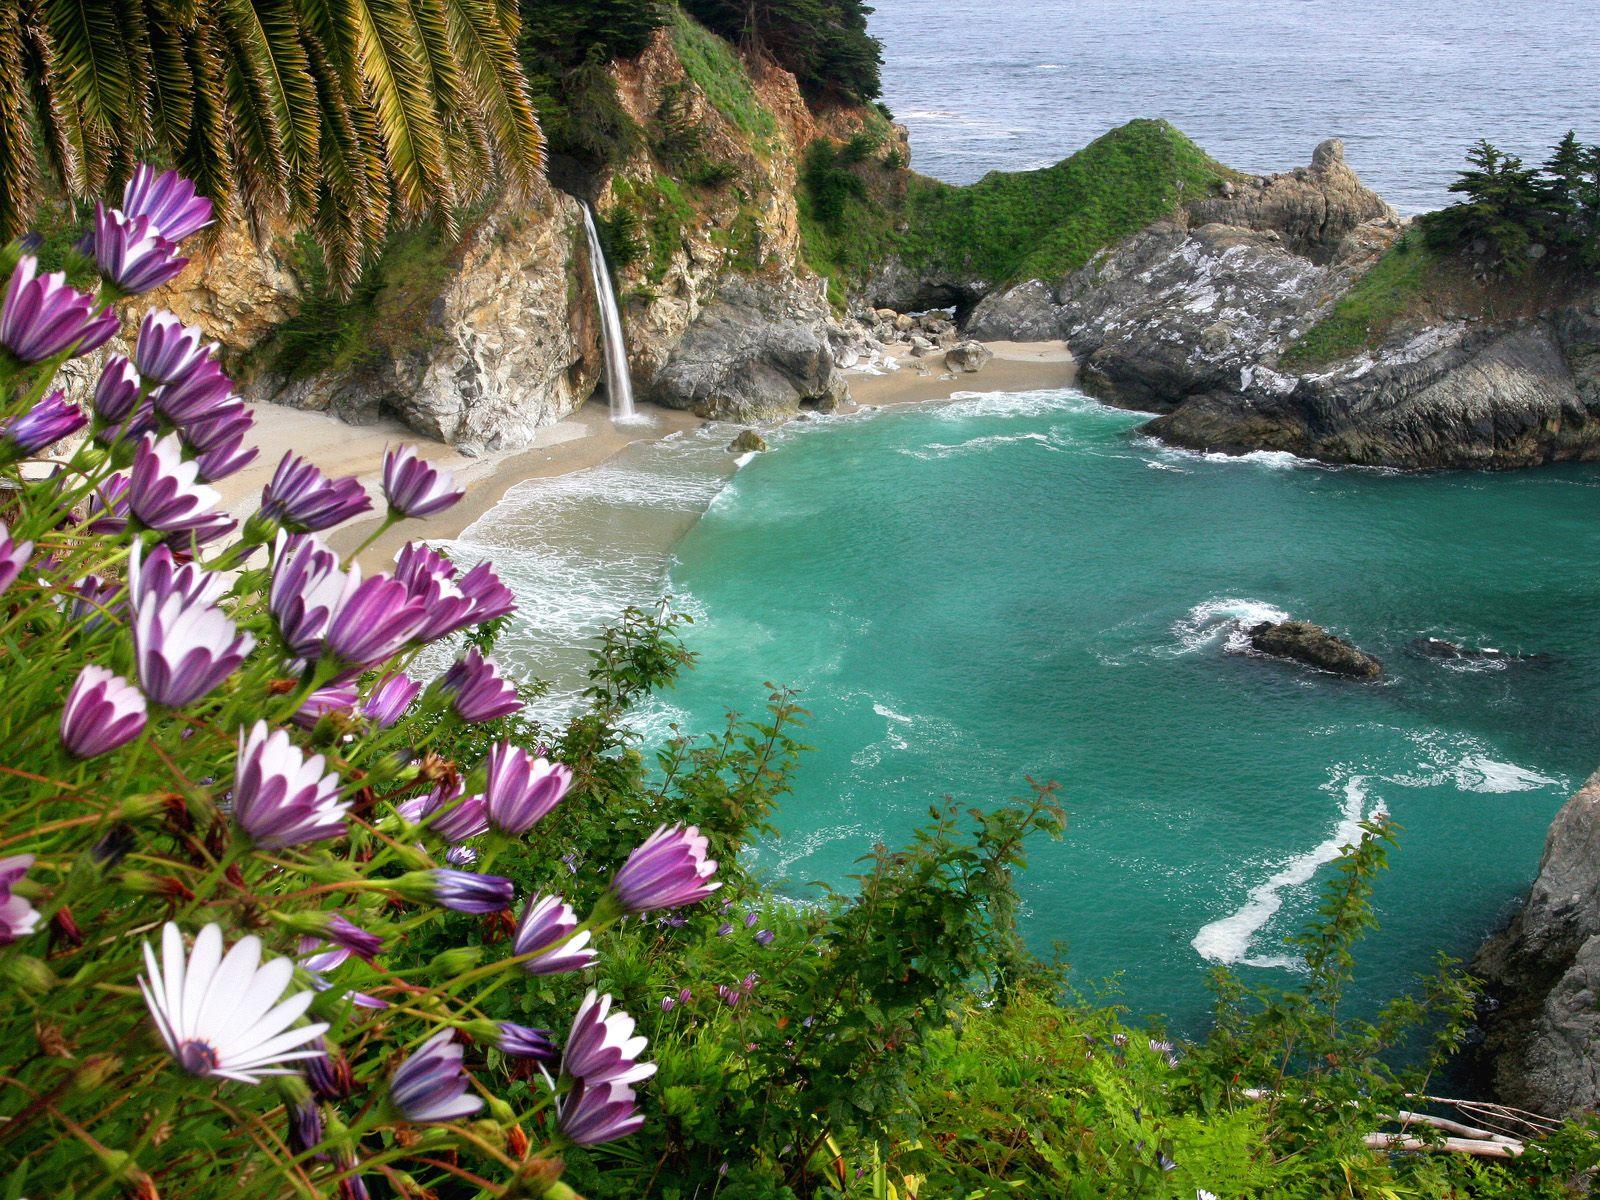 BANCO DE IMGENES Las mejores imgenes de paisajes naturales XII 7